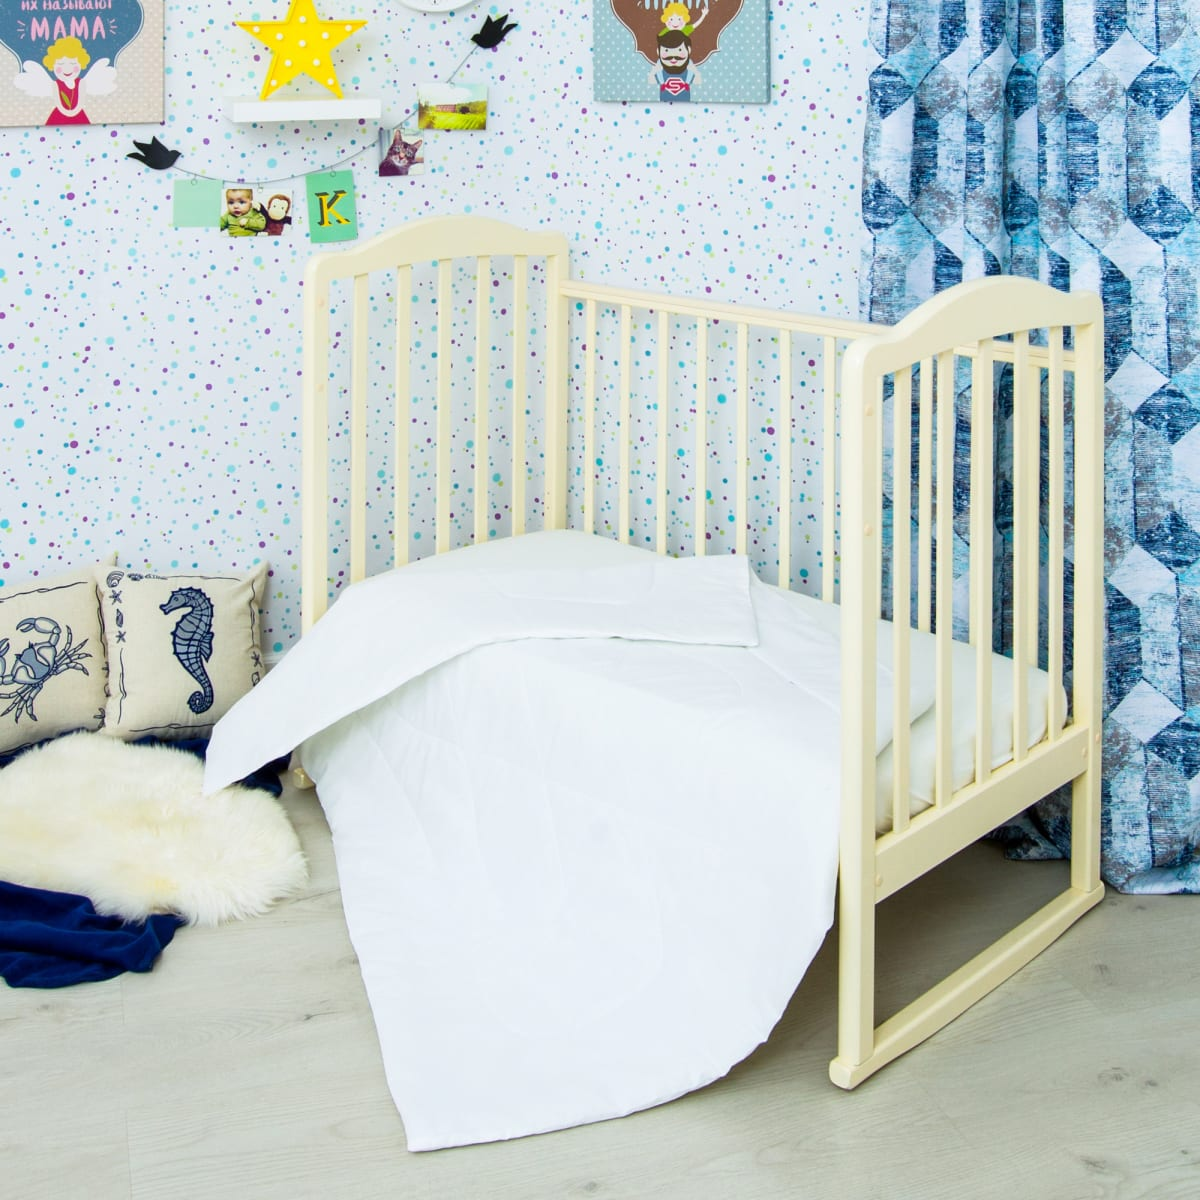 Одеяло детское Сонный гномик, 140х110, бамбук